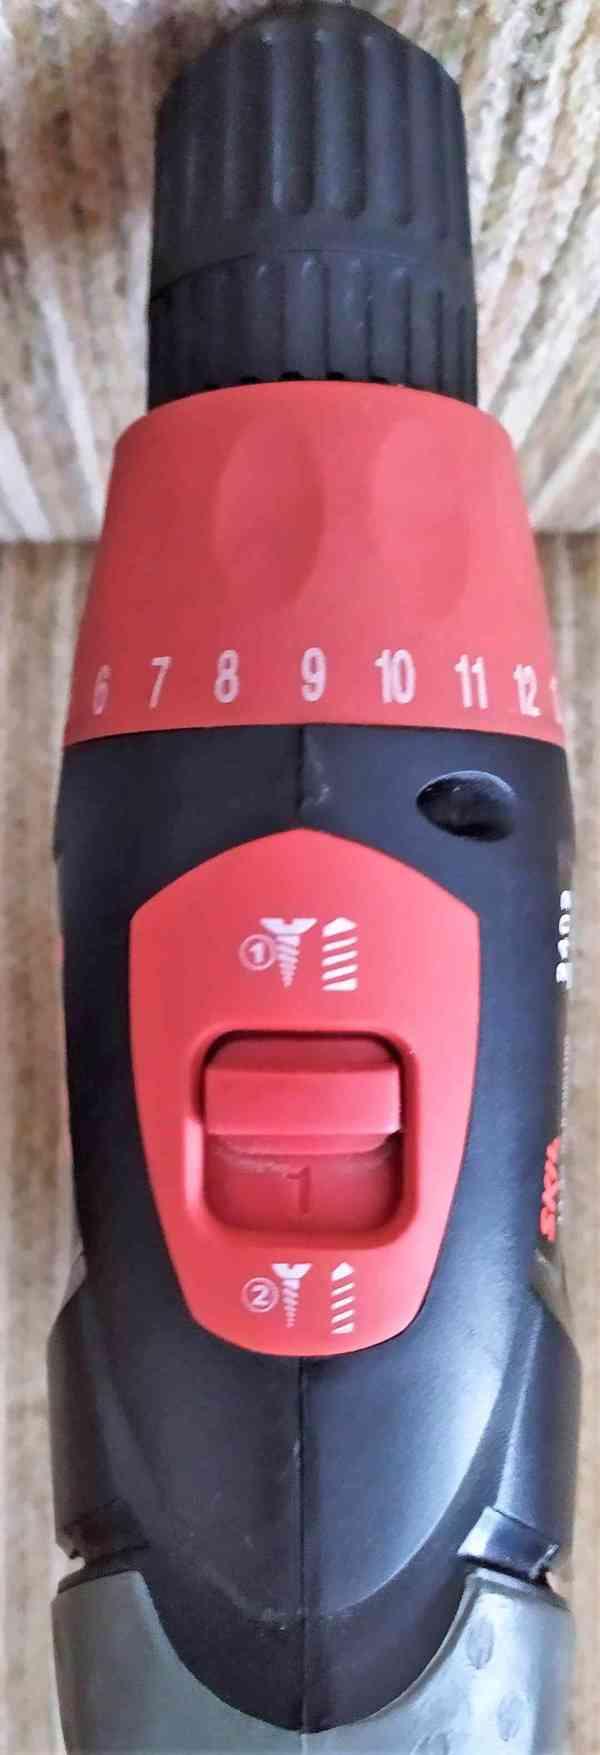 SKIL 2402 - Akumulátorový vrtací šroubovák s baterií 1,5Ah  - foto 5